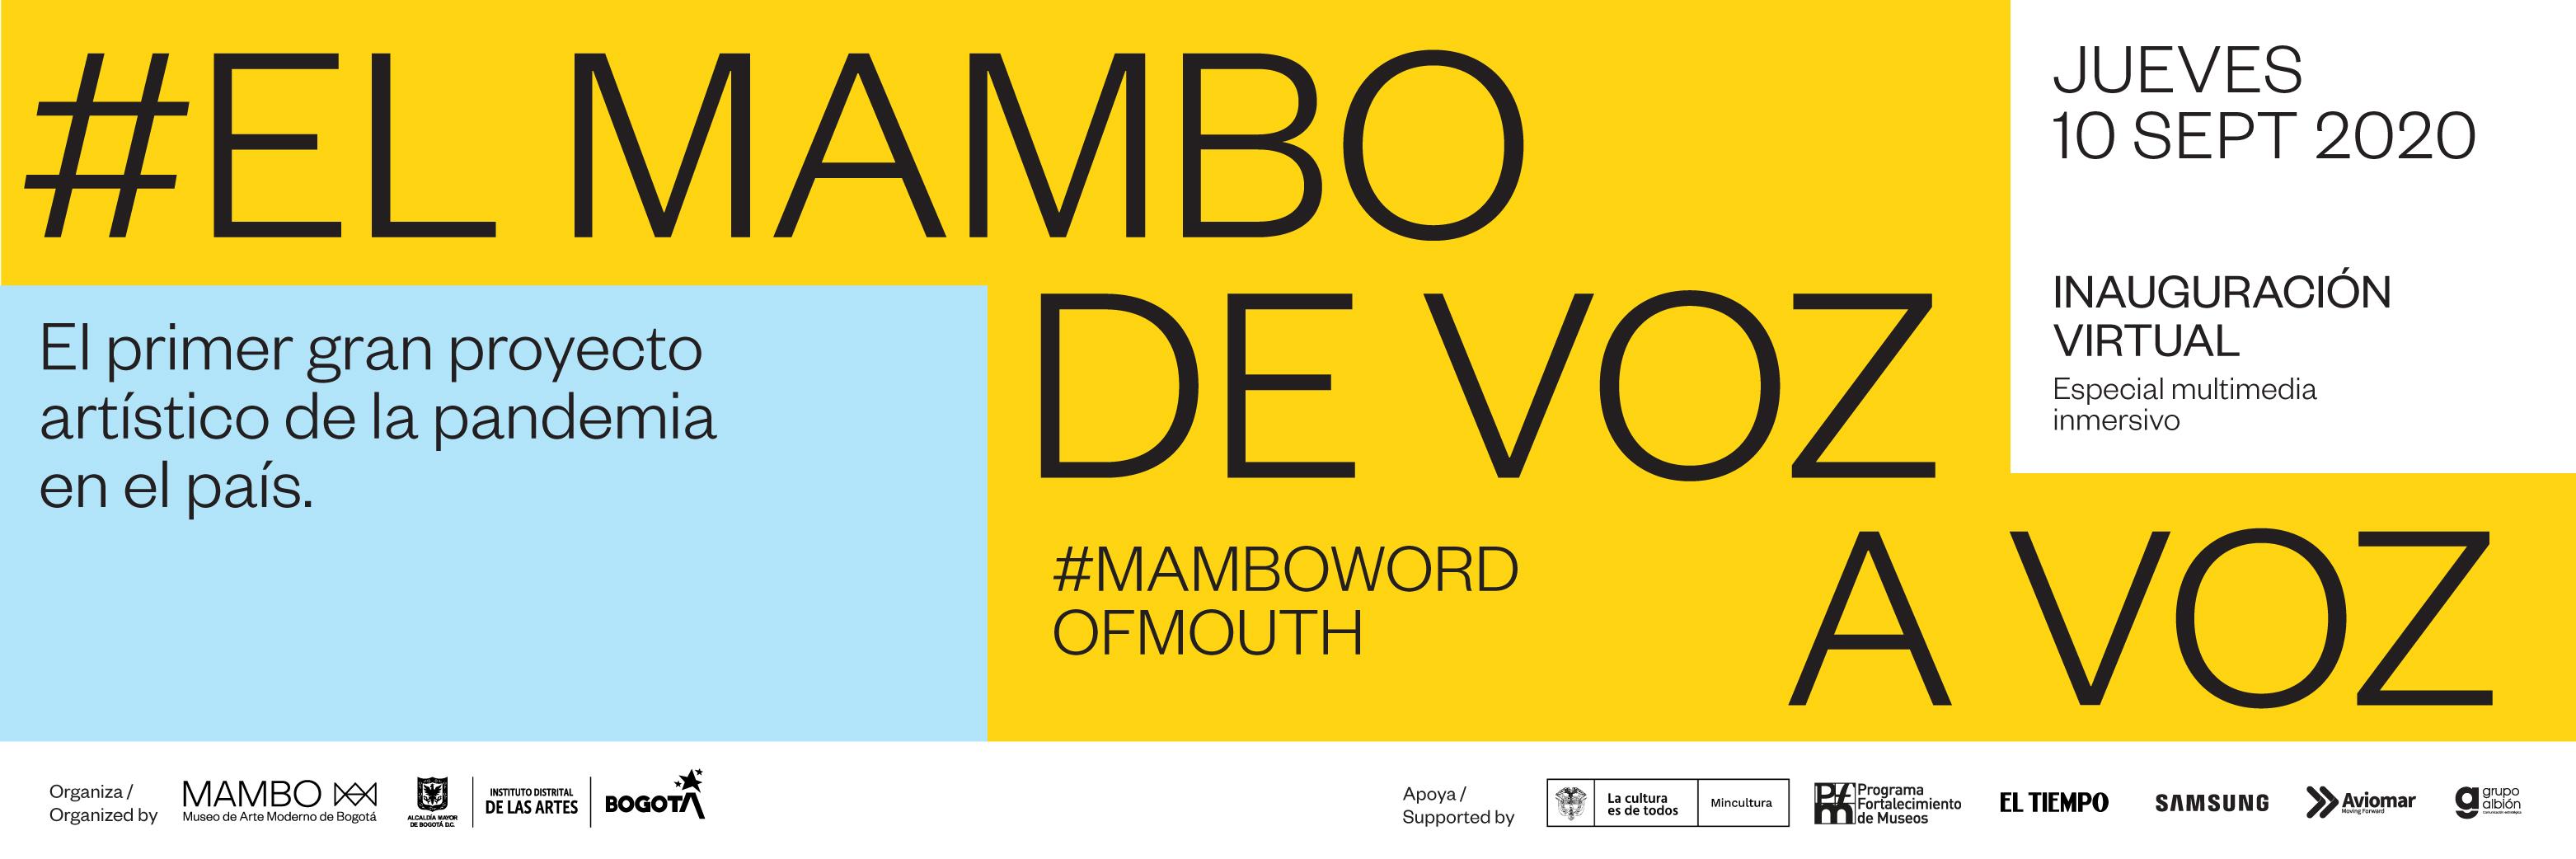 El MAMBO De Voz A Voz.